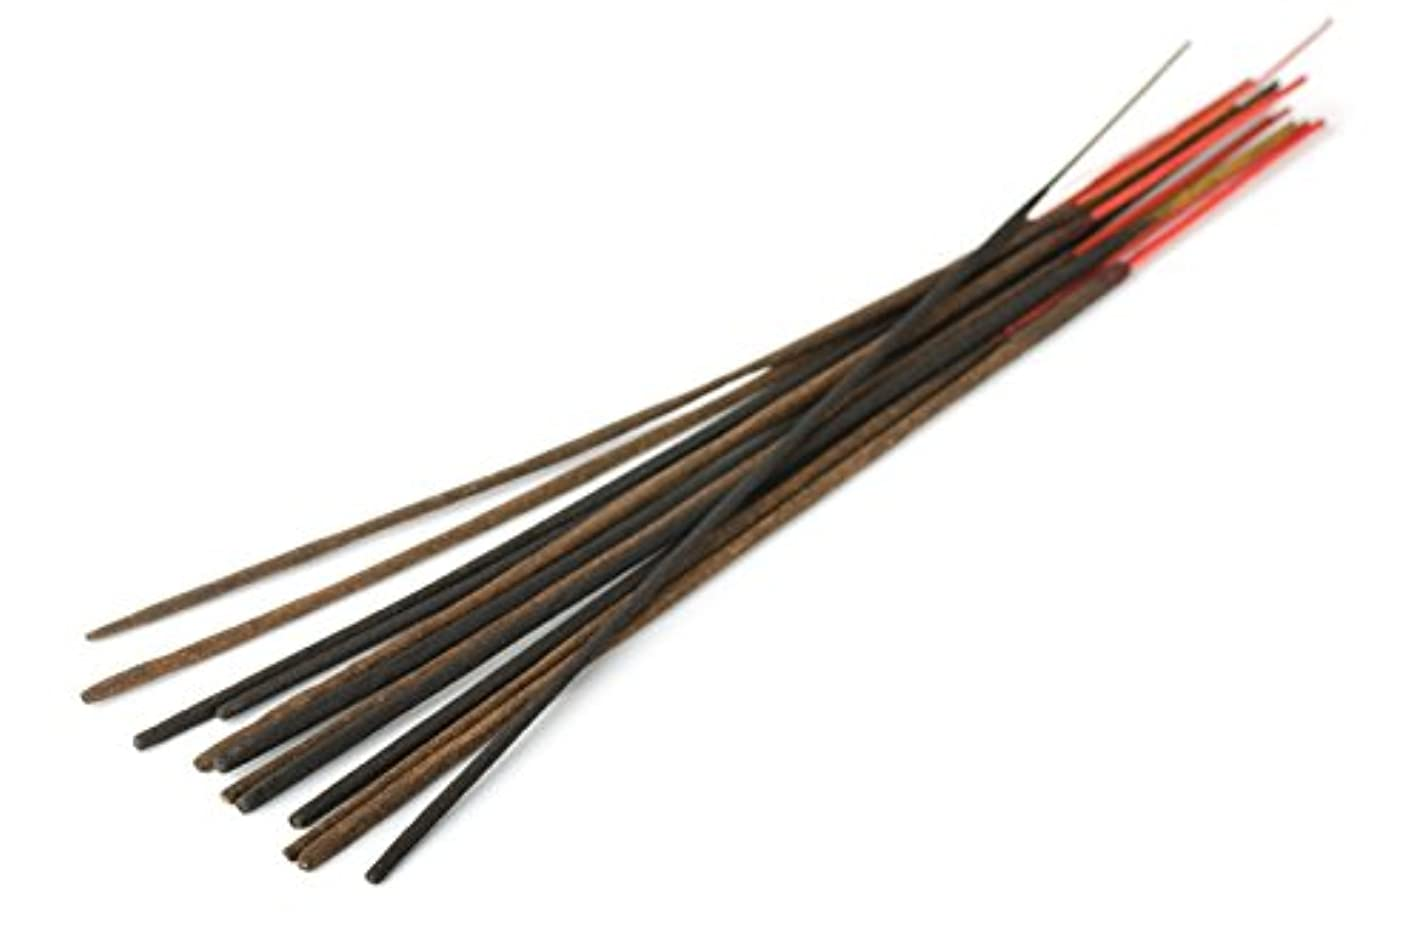 散らす要求するナプキンプレミアムハンドメイドチョコレートチップクッキーIncense Stickバンドル – 90 to 100 Sticks Perバンドル – 各スティックは11.5インチ、には滑らかなクリーンBurn